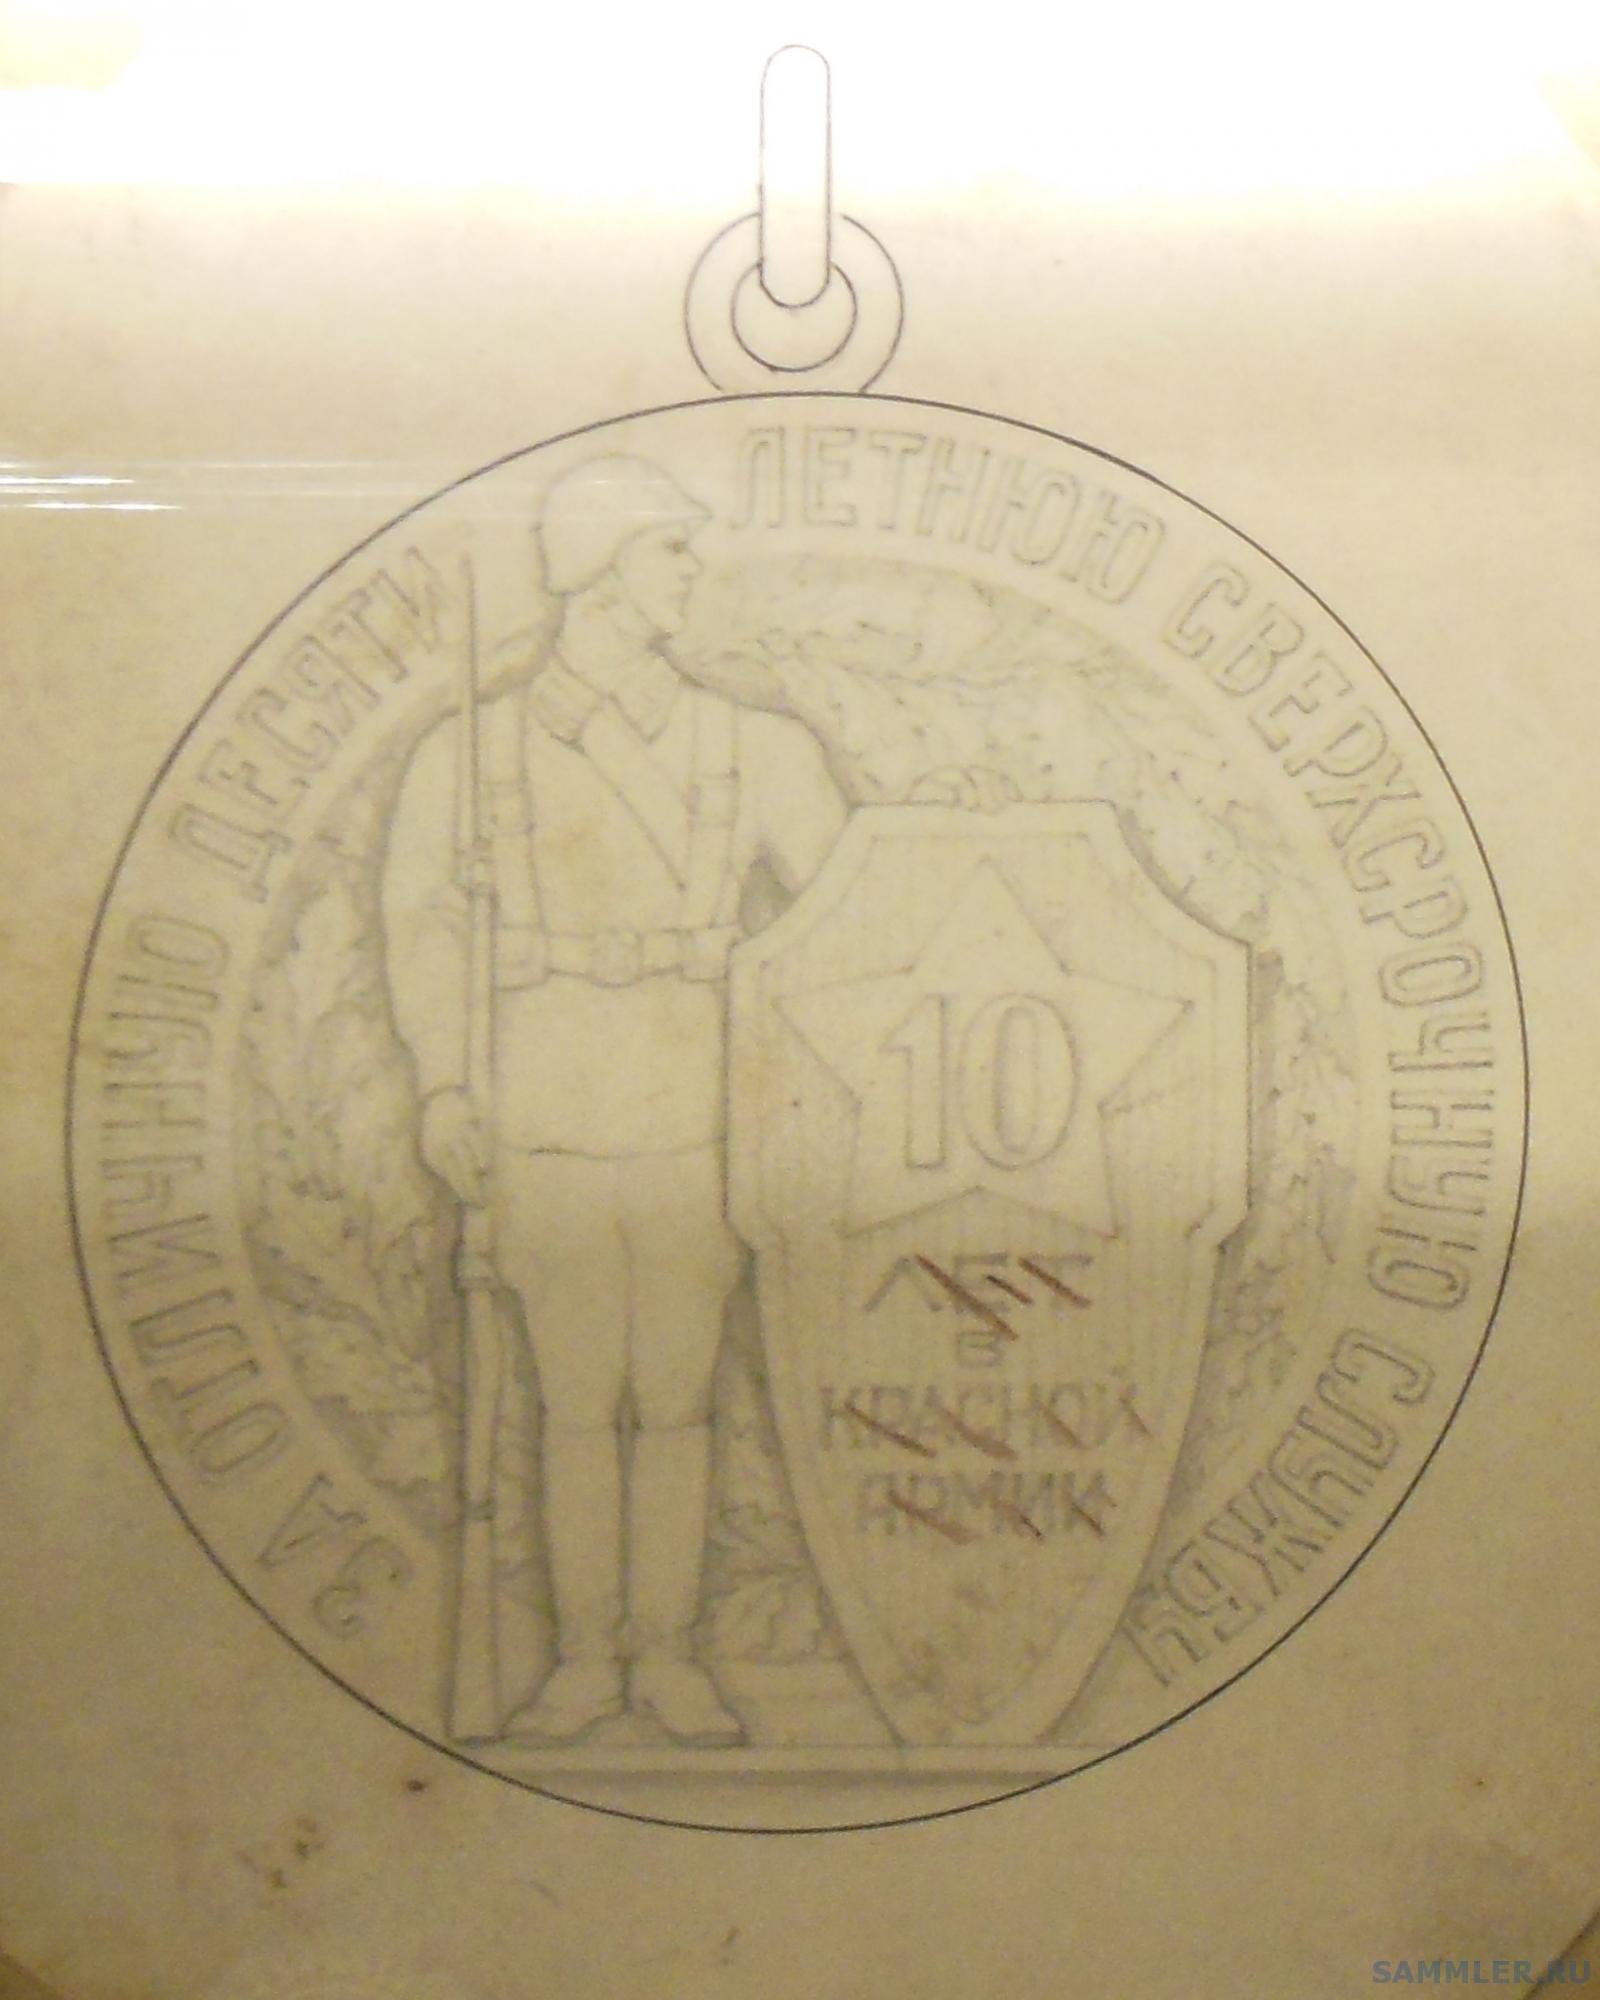 Проект медали За отличную сверхсроч. службу - С.И. Дмитриев, 1940 1.JPG